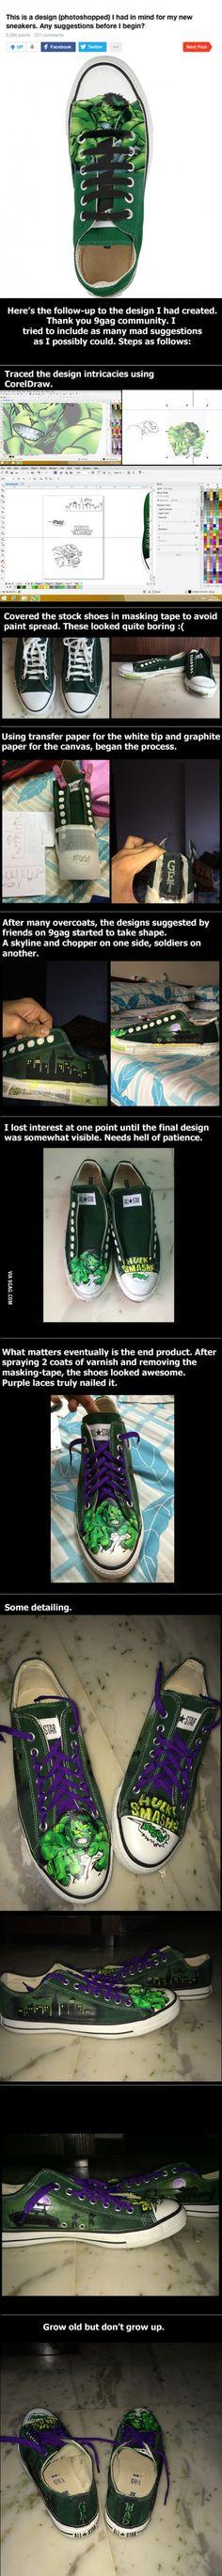 Hand painted Hulk sneakers.